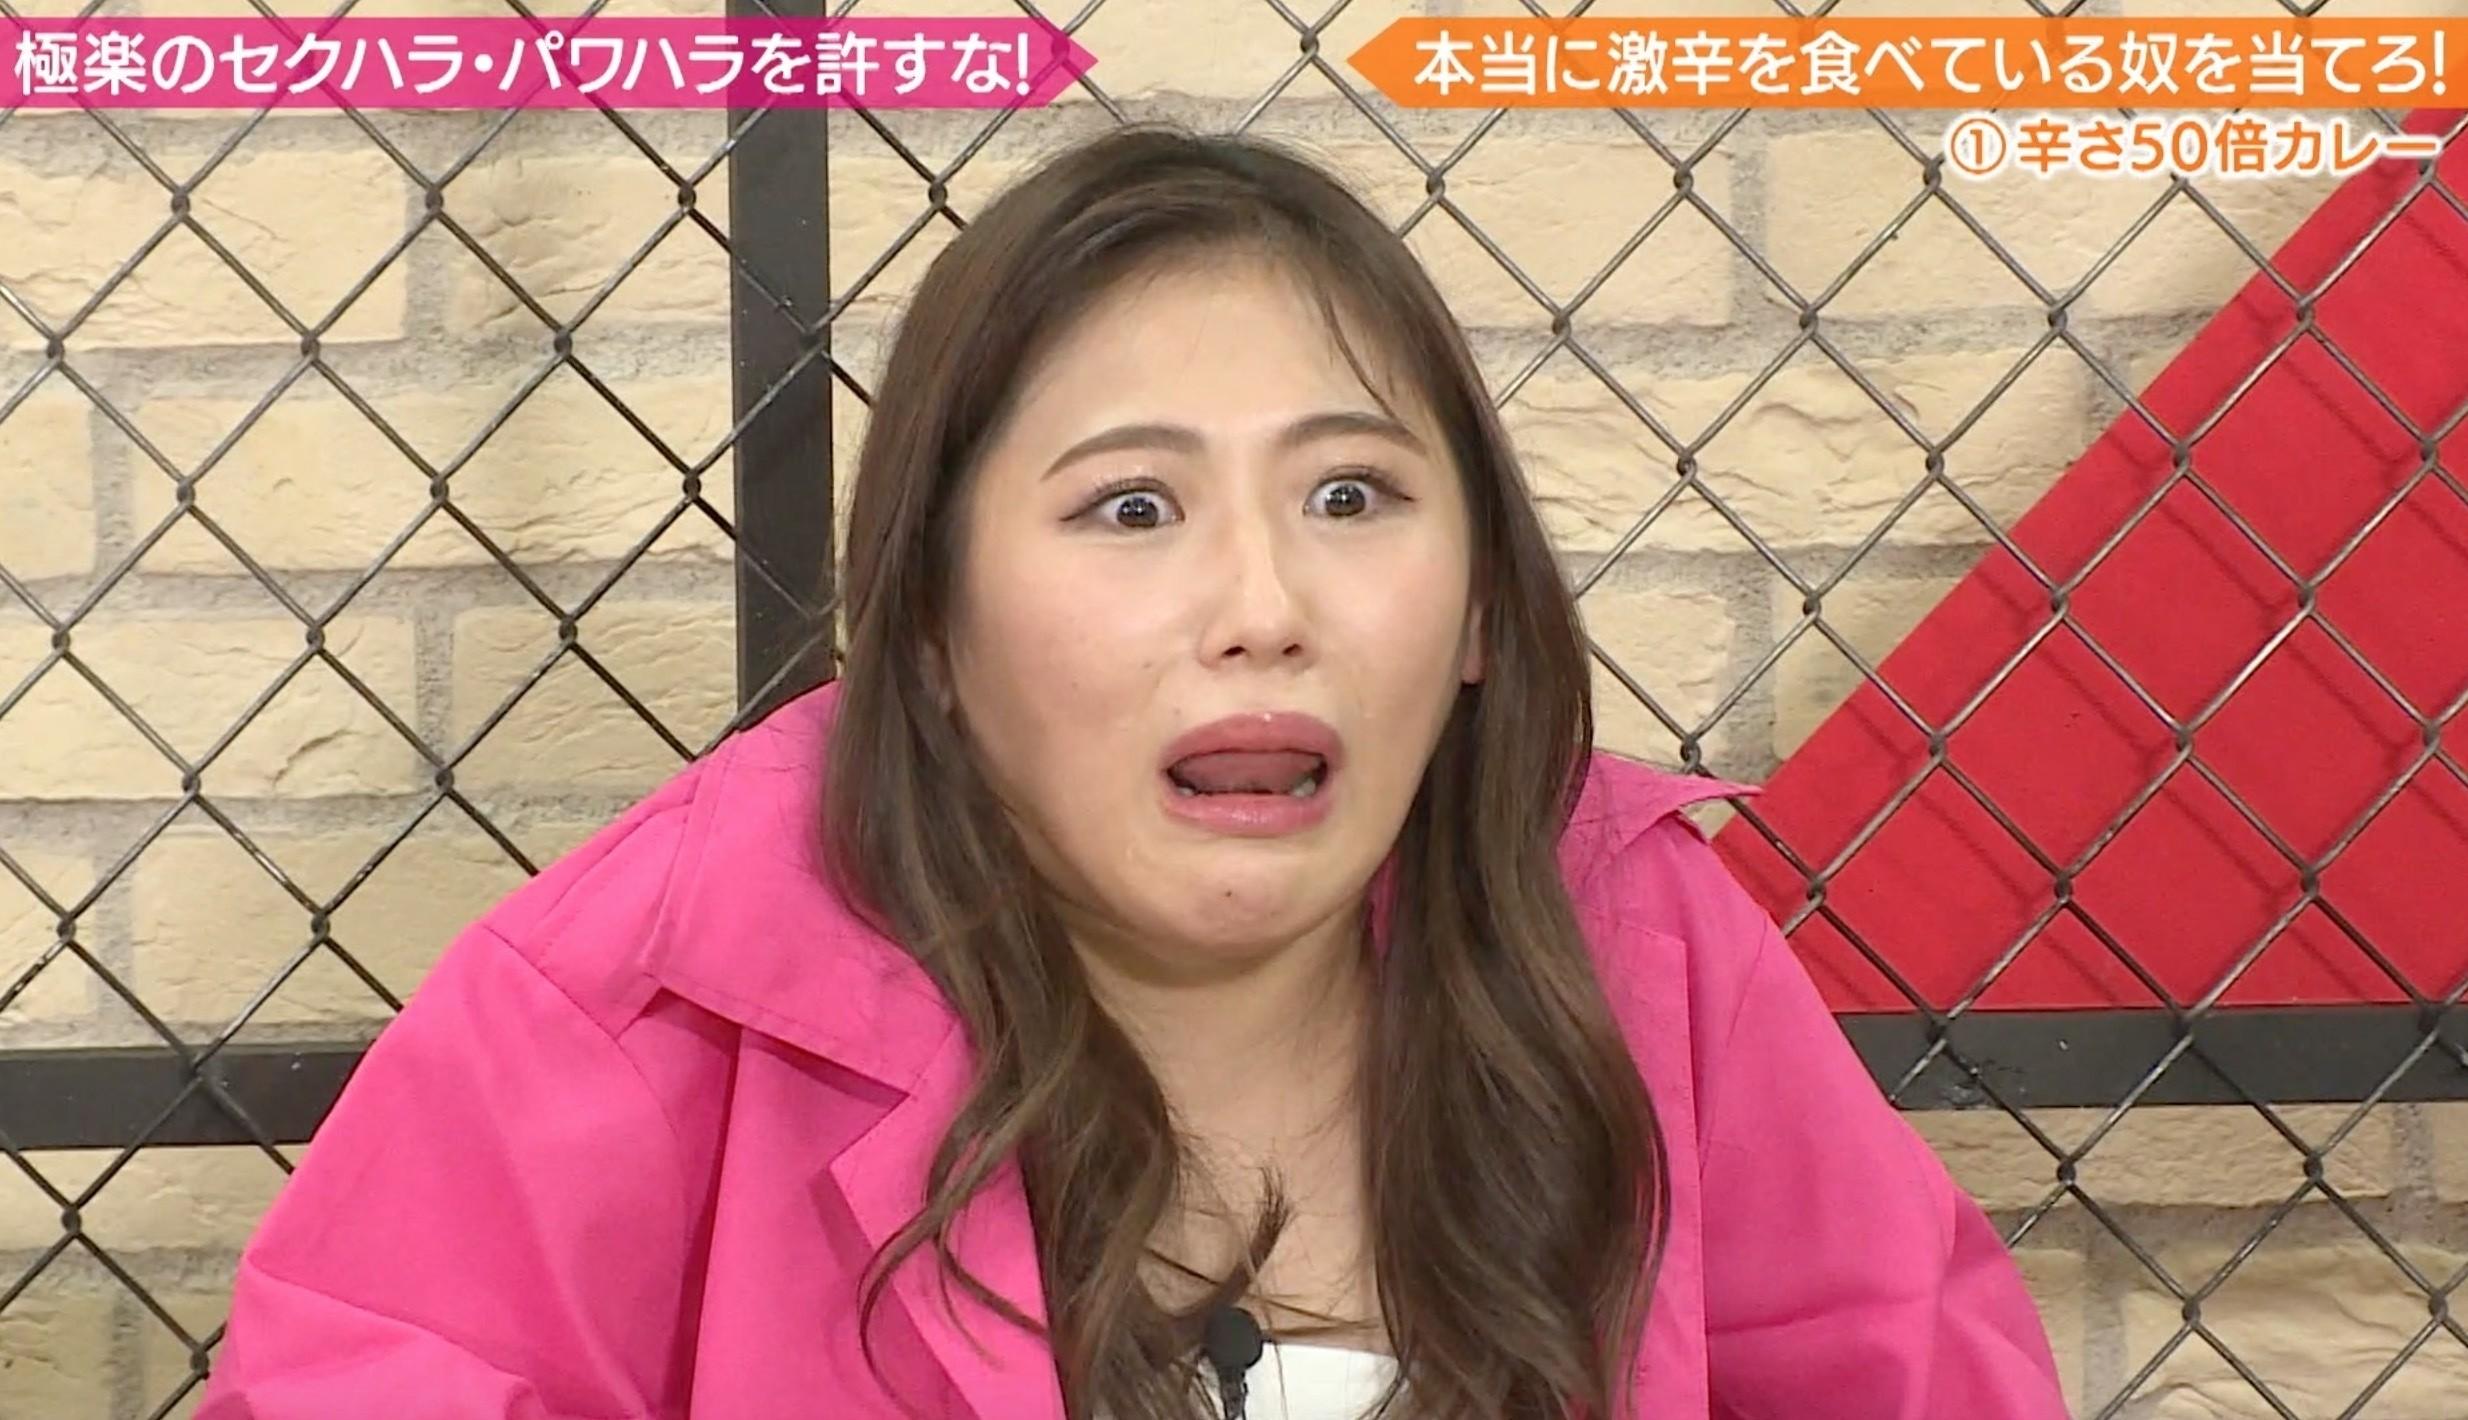 西野未姫の舌出し (1)